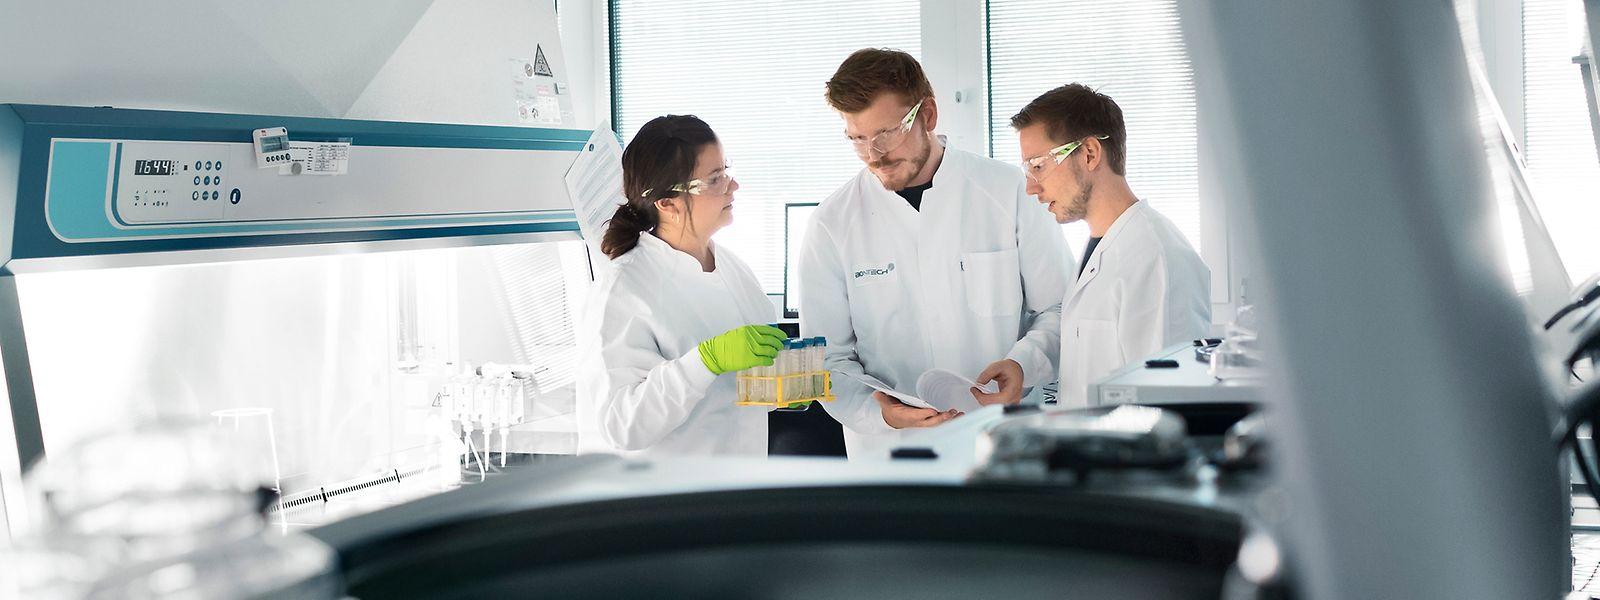 Ces essais en Allemagne doivent consister, selon l'IPE, à «déterminer la tolérance générale du vaccin testé».